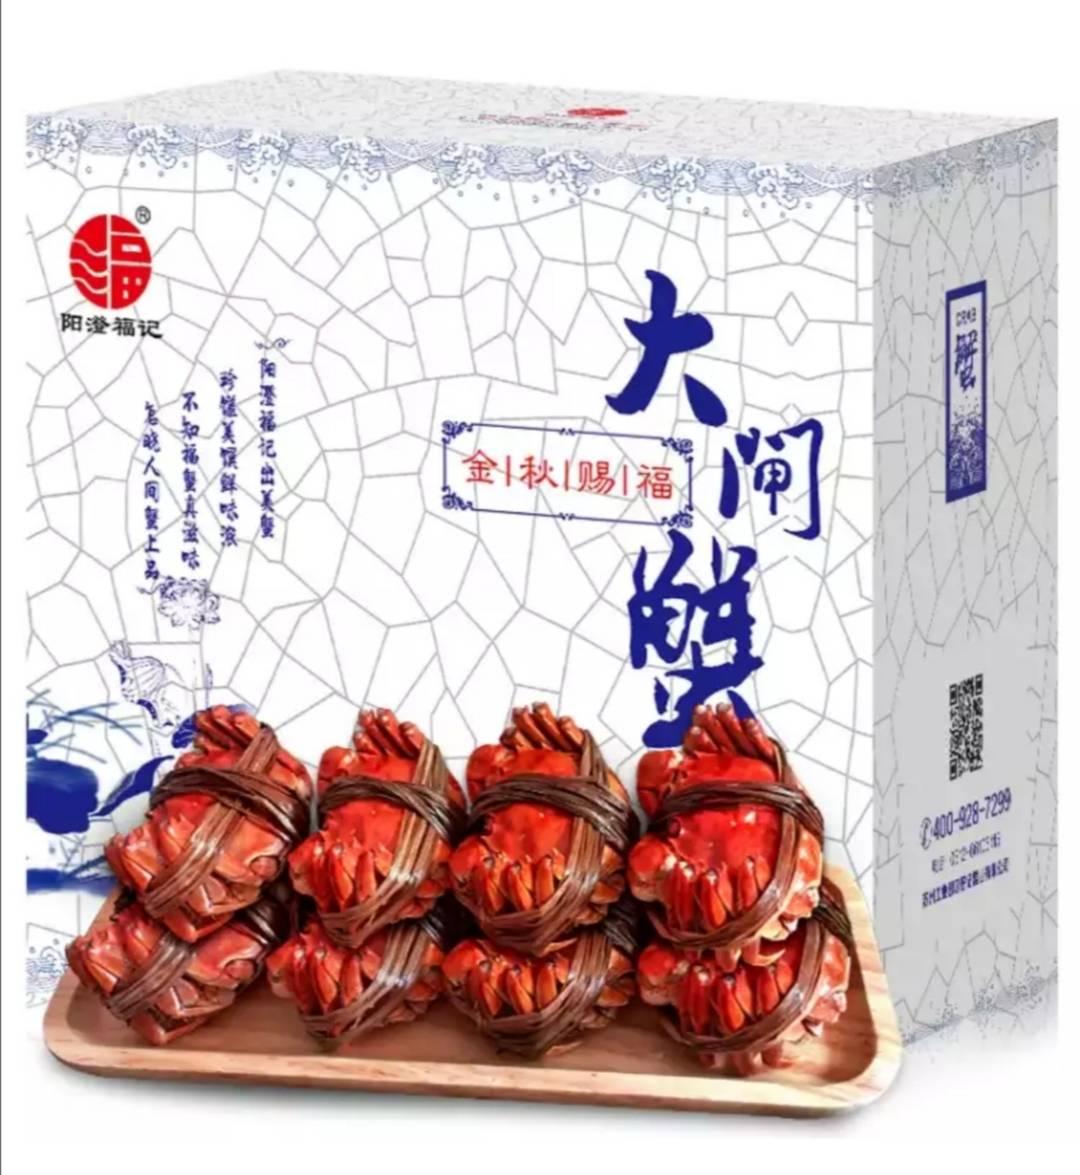 阳澄福记 六月黄大闸蟹螃蟹礼盒 1.4-1.1两*8只*2